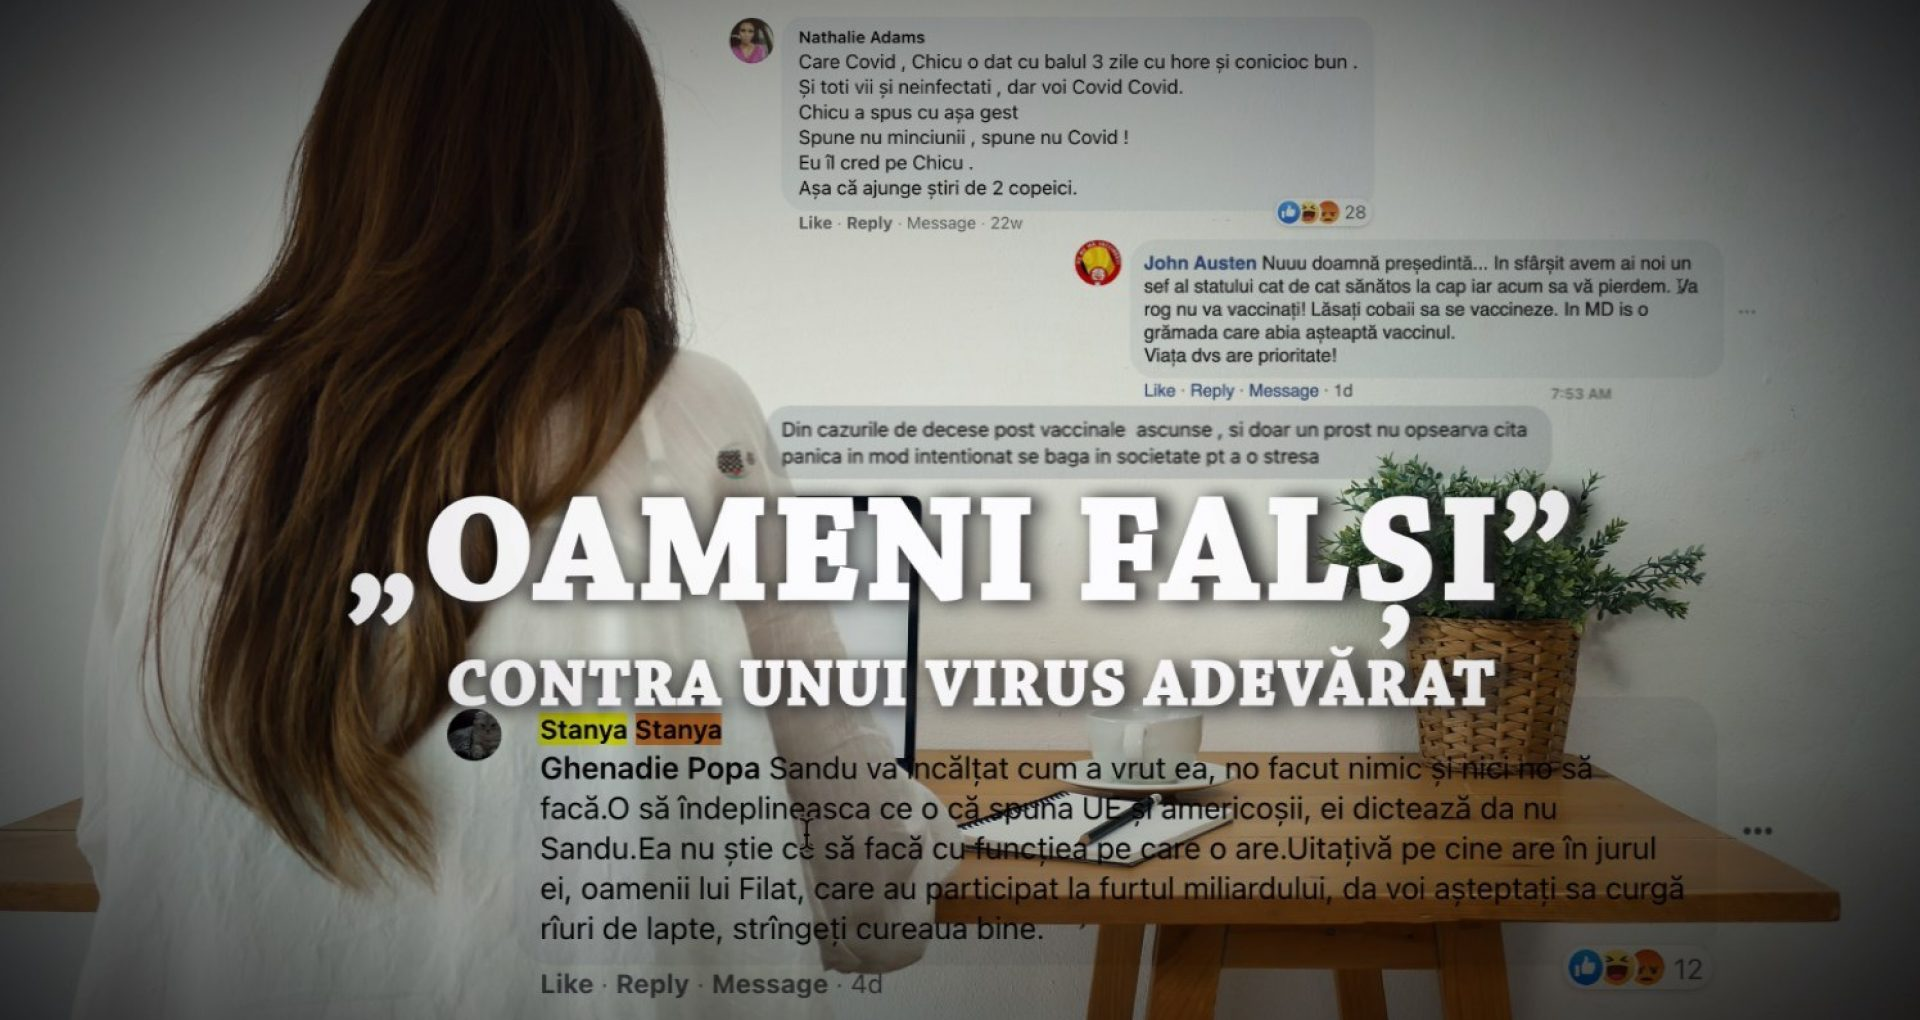 """""""Oameni falși"""" contra unui virus adevărat. ZdG a contactat mai multe profiluri false antivacciniste care comentează activ pe pagina ZdG de pe facebook"""